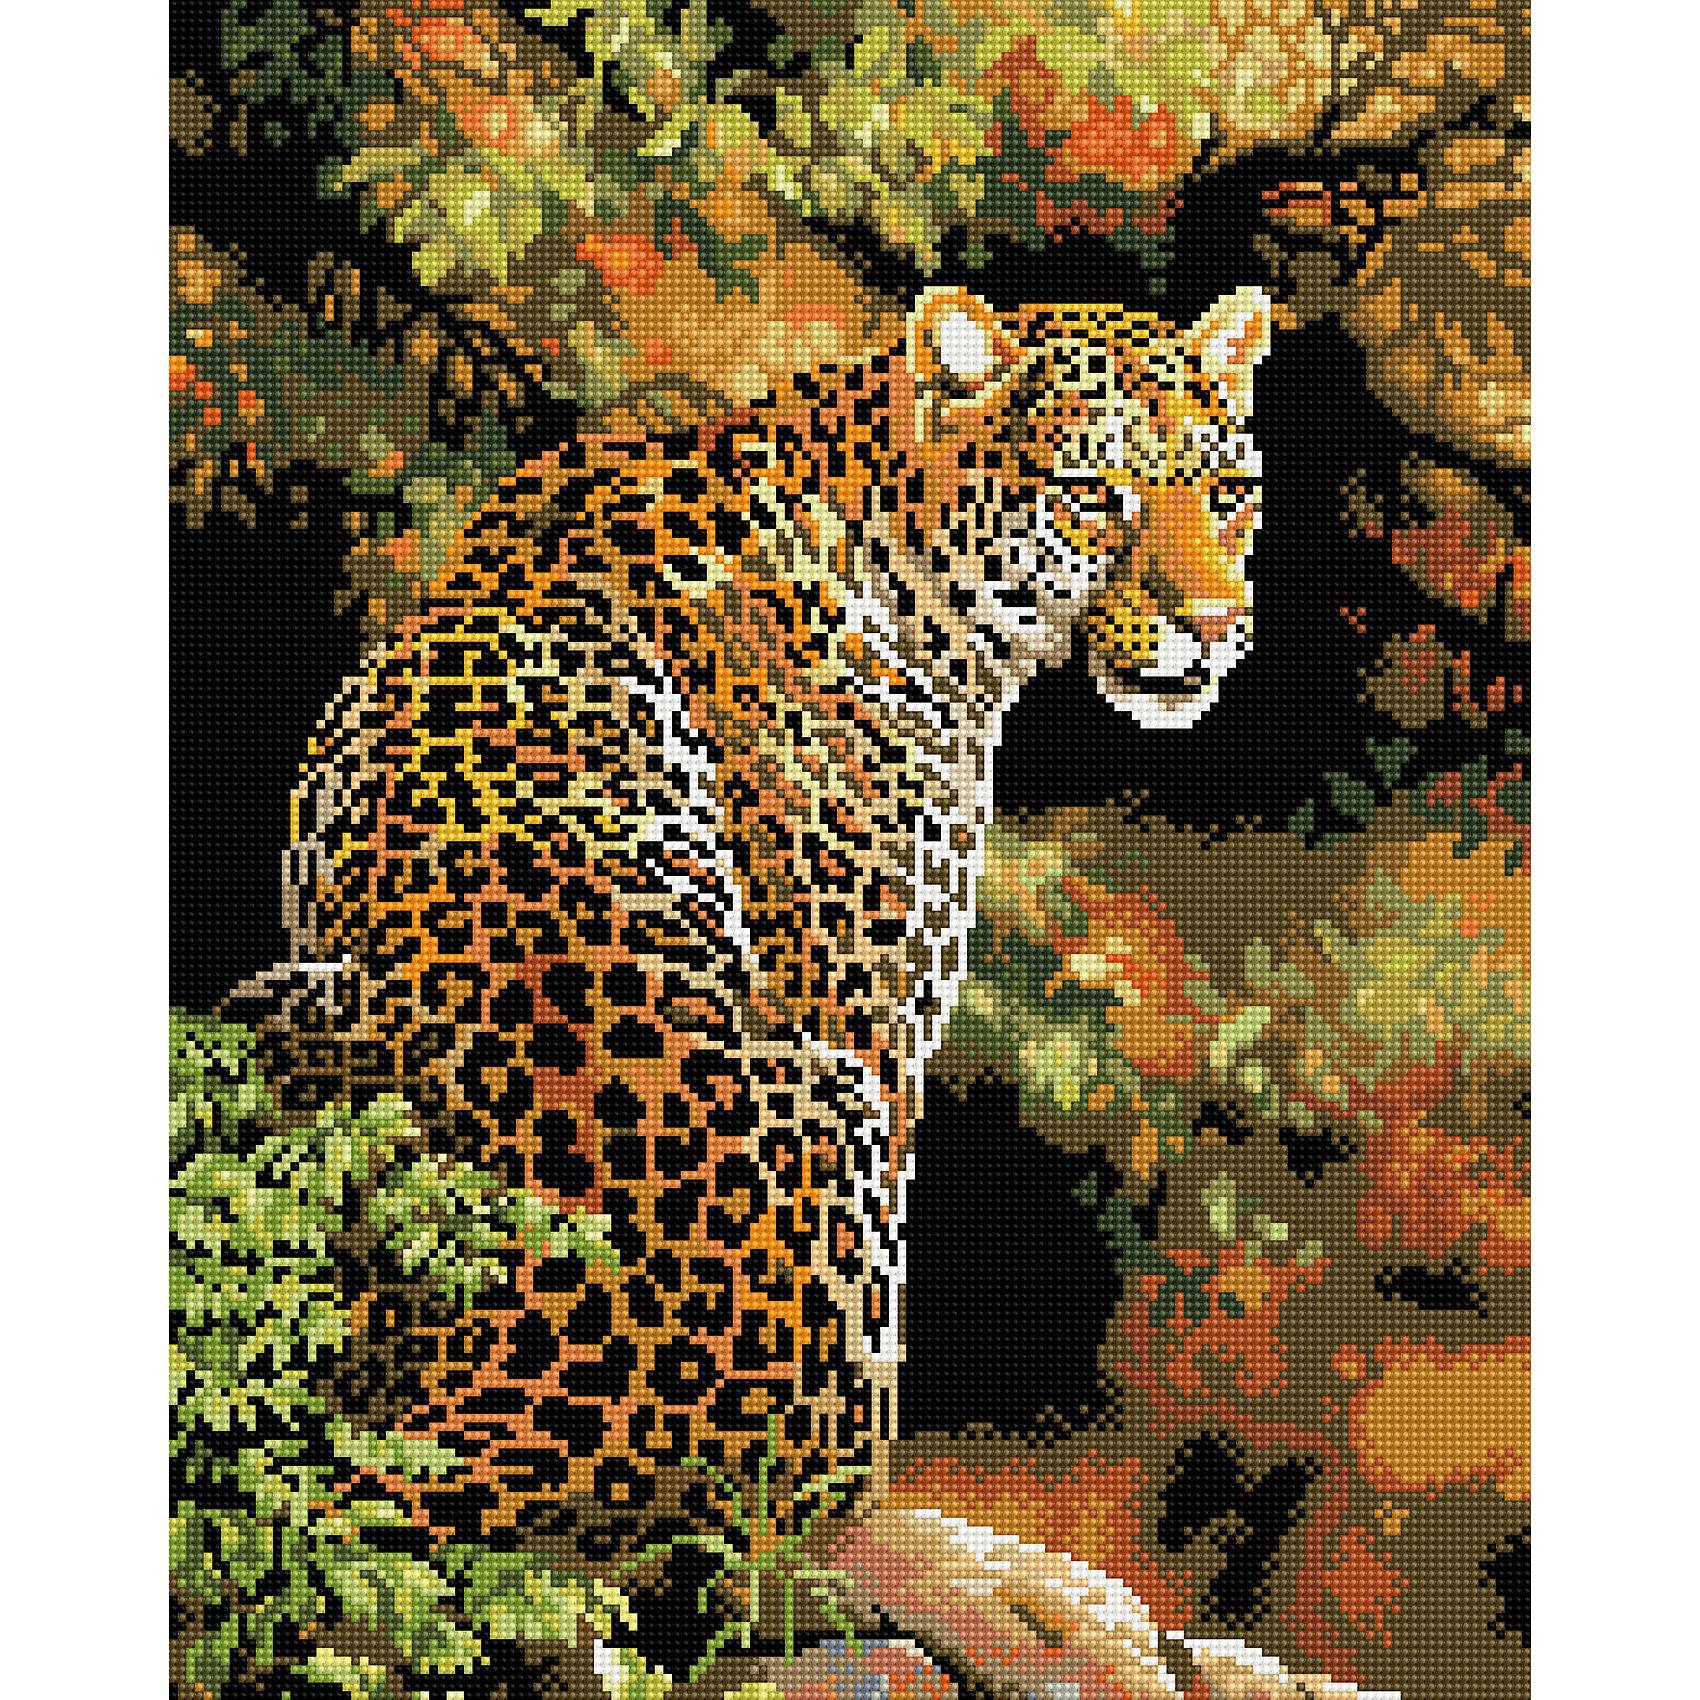 Алмазная мозаика Леопард 40*50 смПоследняя цена<br>Характеристики:<br><br>• Предназначение: для занятий творчеством в технике алмазной живописи<br>• Тематика: Животные<br>• Пол: для девочек<br>• Уровень сложности: средний<br>• Материал: дерево, бумага, акрил, пластик<br>• Цвет: оттенки коричневого, оранжевый, желтый, зеленый и др.<br>• Количество цветов: 26<br>• Комплектация: холст на подрамнике, стразы, пинцет, карандаш для камней, клей, лоток для камней, инструкция<br>• Размеры (Ш*Д): 40*50 см<br>• Тип выкладки камней: сплошное заполнение рисунка<br>• Стразы квадратной формы <br>• Вес: 900 г <br>• Упаковка: картонная коробка<br><br>Алмазная мозаика Леопард 40*50 см – это набор для создания картины в технике алмазной живописи. Набор для творчества включает в себя холст, на который нанесена схема рисунка, комплекта разноцветных страз квадратной формы, подрамника и инструментов для выкладки узора. Все использованные в наборе материалы экологичные и нетоксичные. Картина выполняется в технике сплошного заполнения декоративными элементами поверхности холста, что обеспечивает высокую реалистичность рисунка. На схеме изображен леопард, сидящий на дереве. <br>Готовые наборы для алмазной мозаики – это оптимальный вариант для любителей рукоделия, так как в них предусмотрены все материалы в требуемом для изготовления картины количестве. Занятия алмазной живописью позволят развивать навыки чтения схем, выполнения заданий по образцу, будут способствовать внимательности, терпению и развитию мелкой моторики. <br>Наборы алмазной мозаики могут быть преподнесены в качестве подарка не только девочкам, но и взрослым любительницам рукоделия.<br><br>Алмазную мозаику Леопард 40*50 см можно купить в нашем интернет-магазине.<br><br>Ширина мм: 420<br>Глубина мм: 520<br>Высота мм: 50<br>Вес г: 900<br>Возраст от месяцев: 96<br>Возраст до месяцев: 2147483647<br>Пол: Женский<br>Возраст: Детский<br>SKU: 5217140